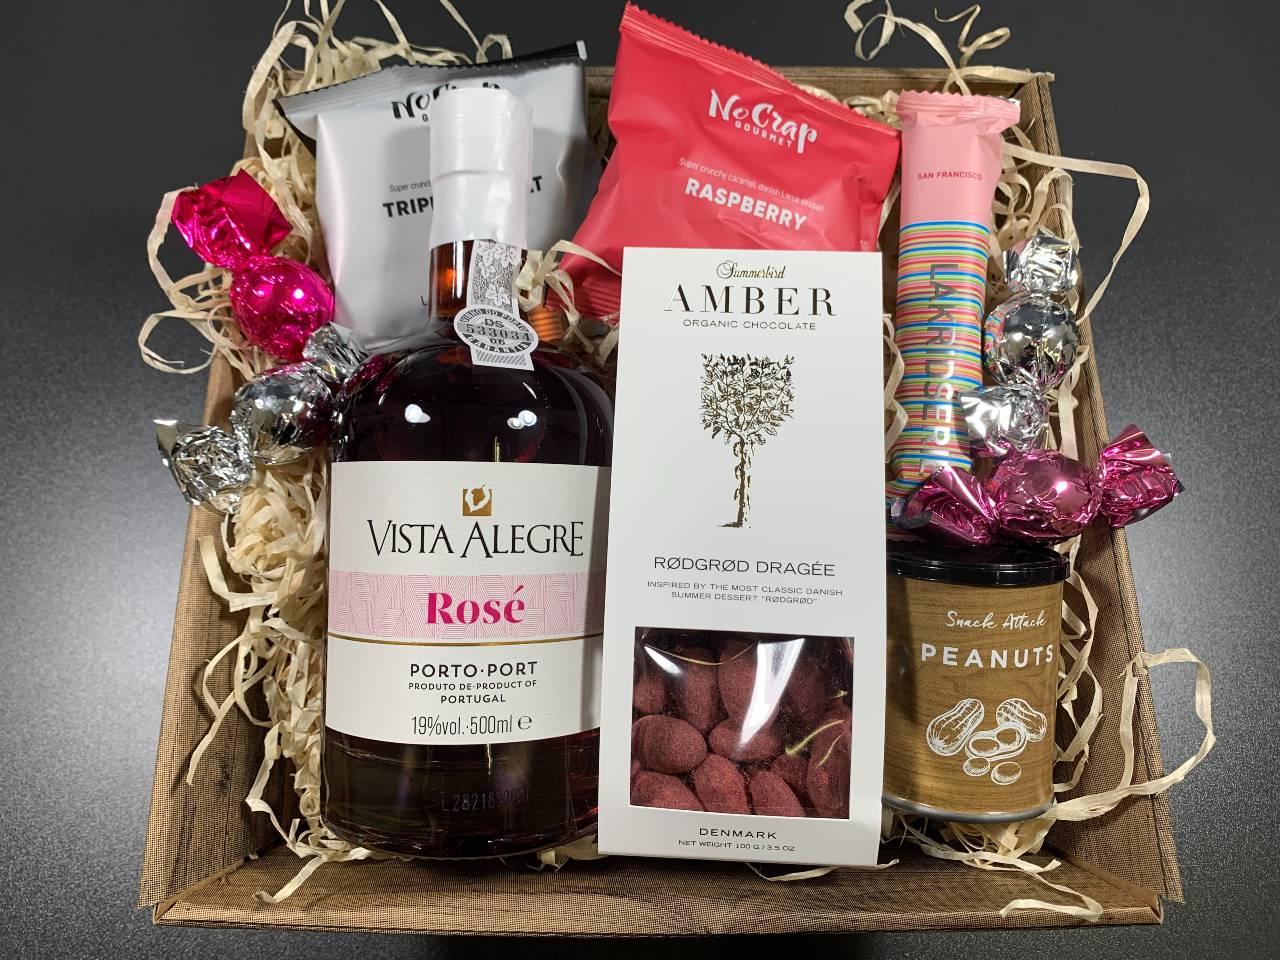 Gavekurv til Veninden – Pink Portvin og lækkerier